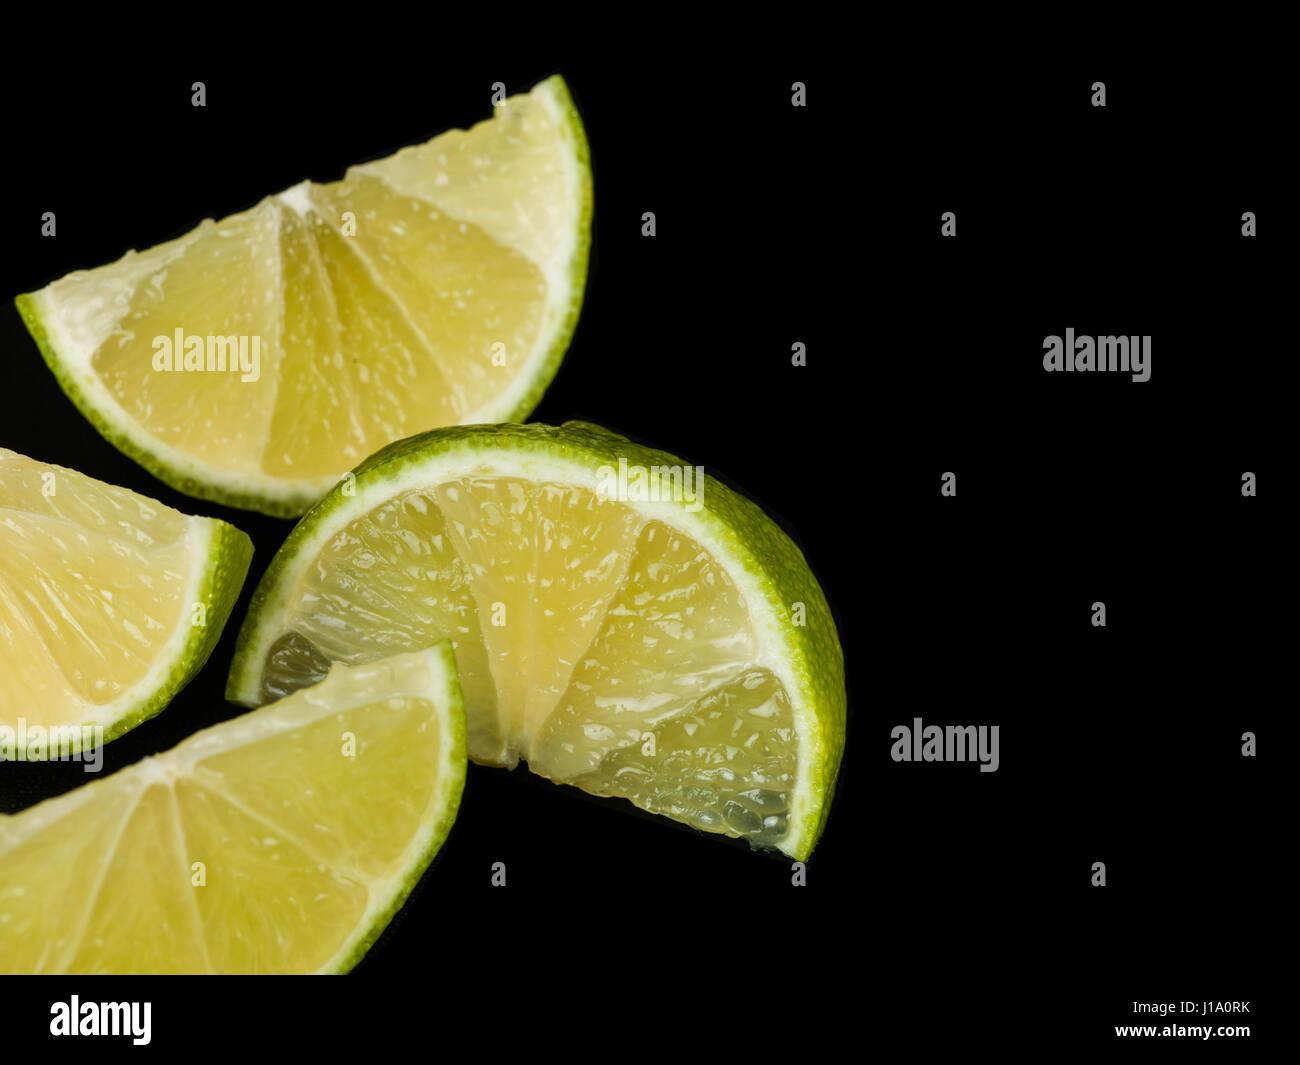 Segmentos maduros fresco jugoso limón contra un fondo negro Imagen De Stock